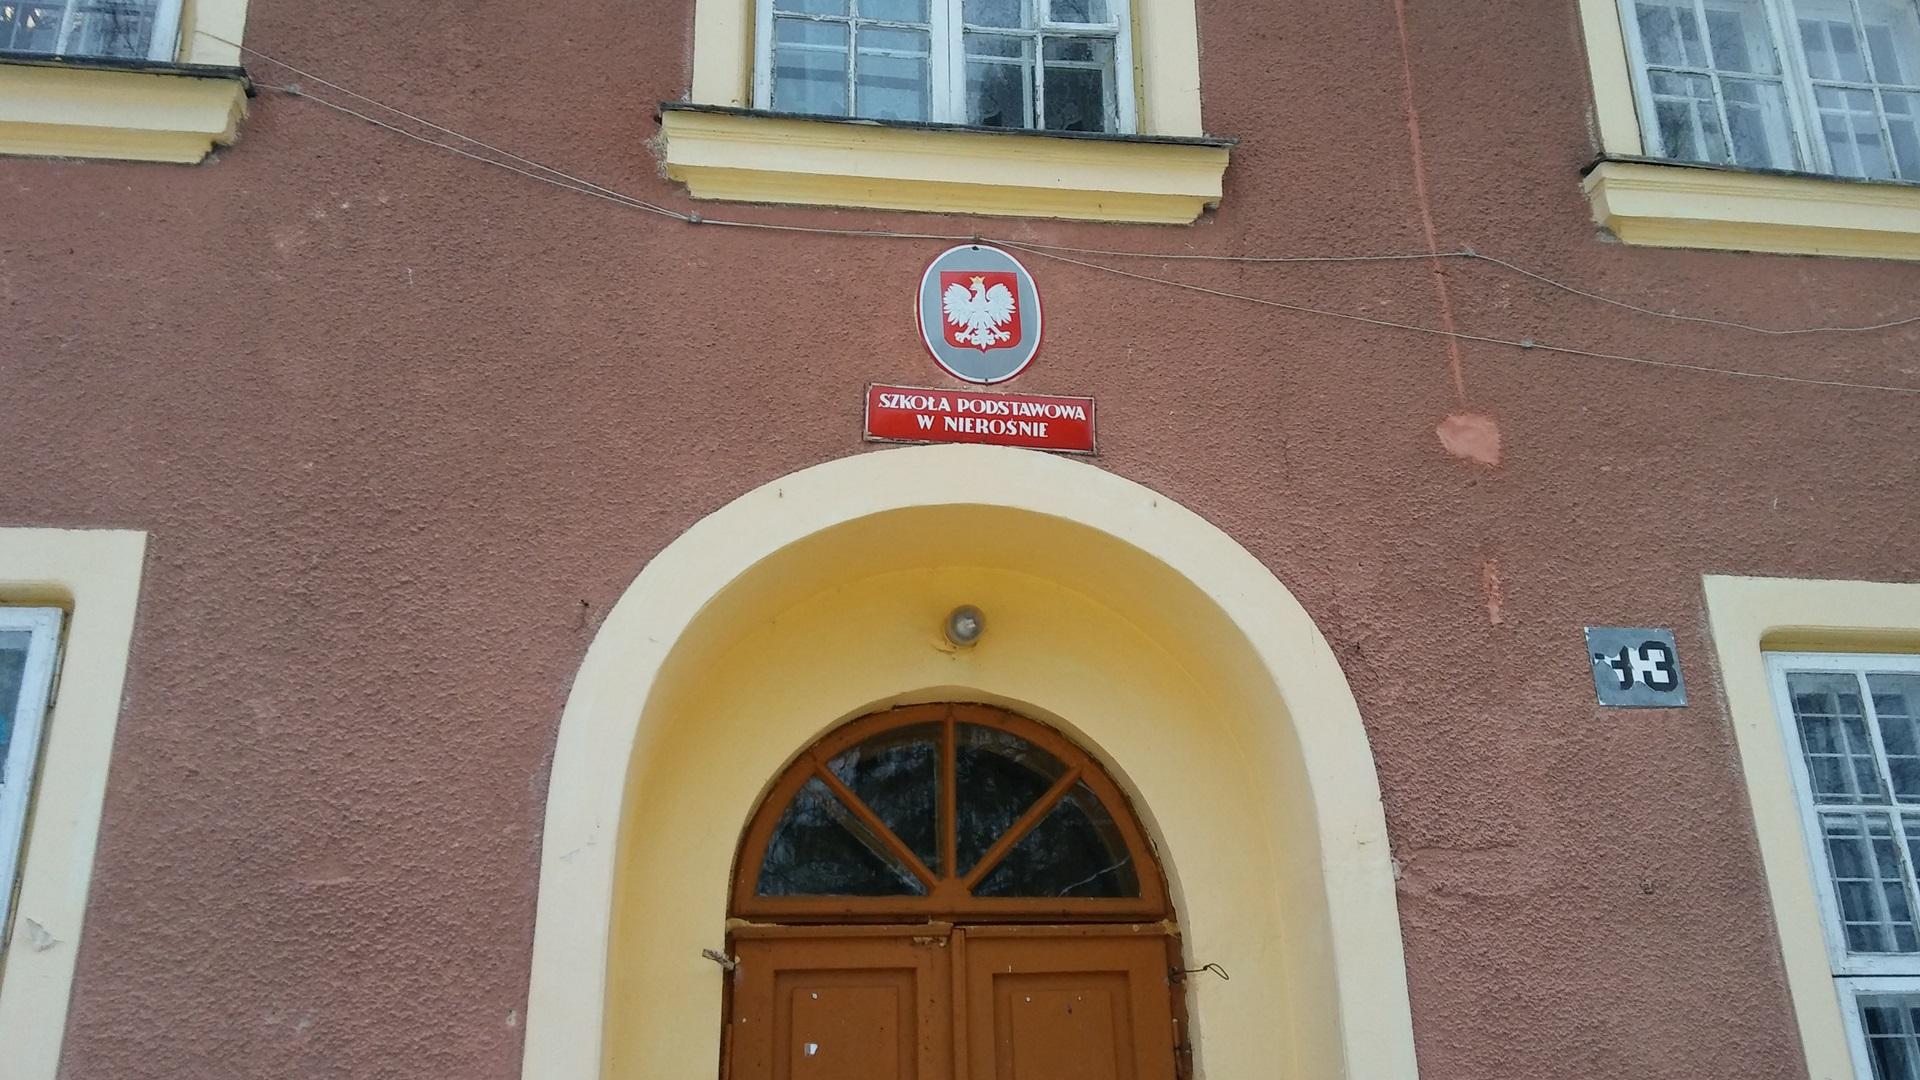 Szkoła w Nierośnie k. Dąbrowy Białostockiej, fot. Marcin Gliński